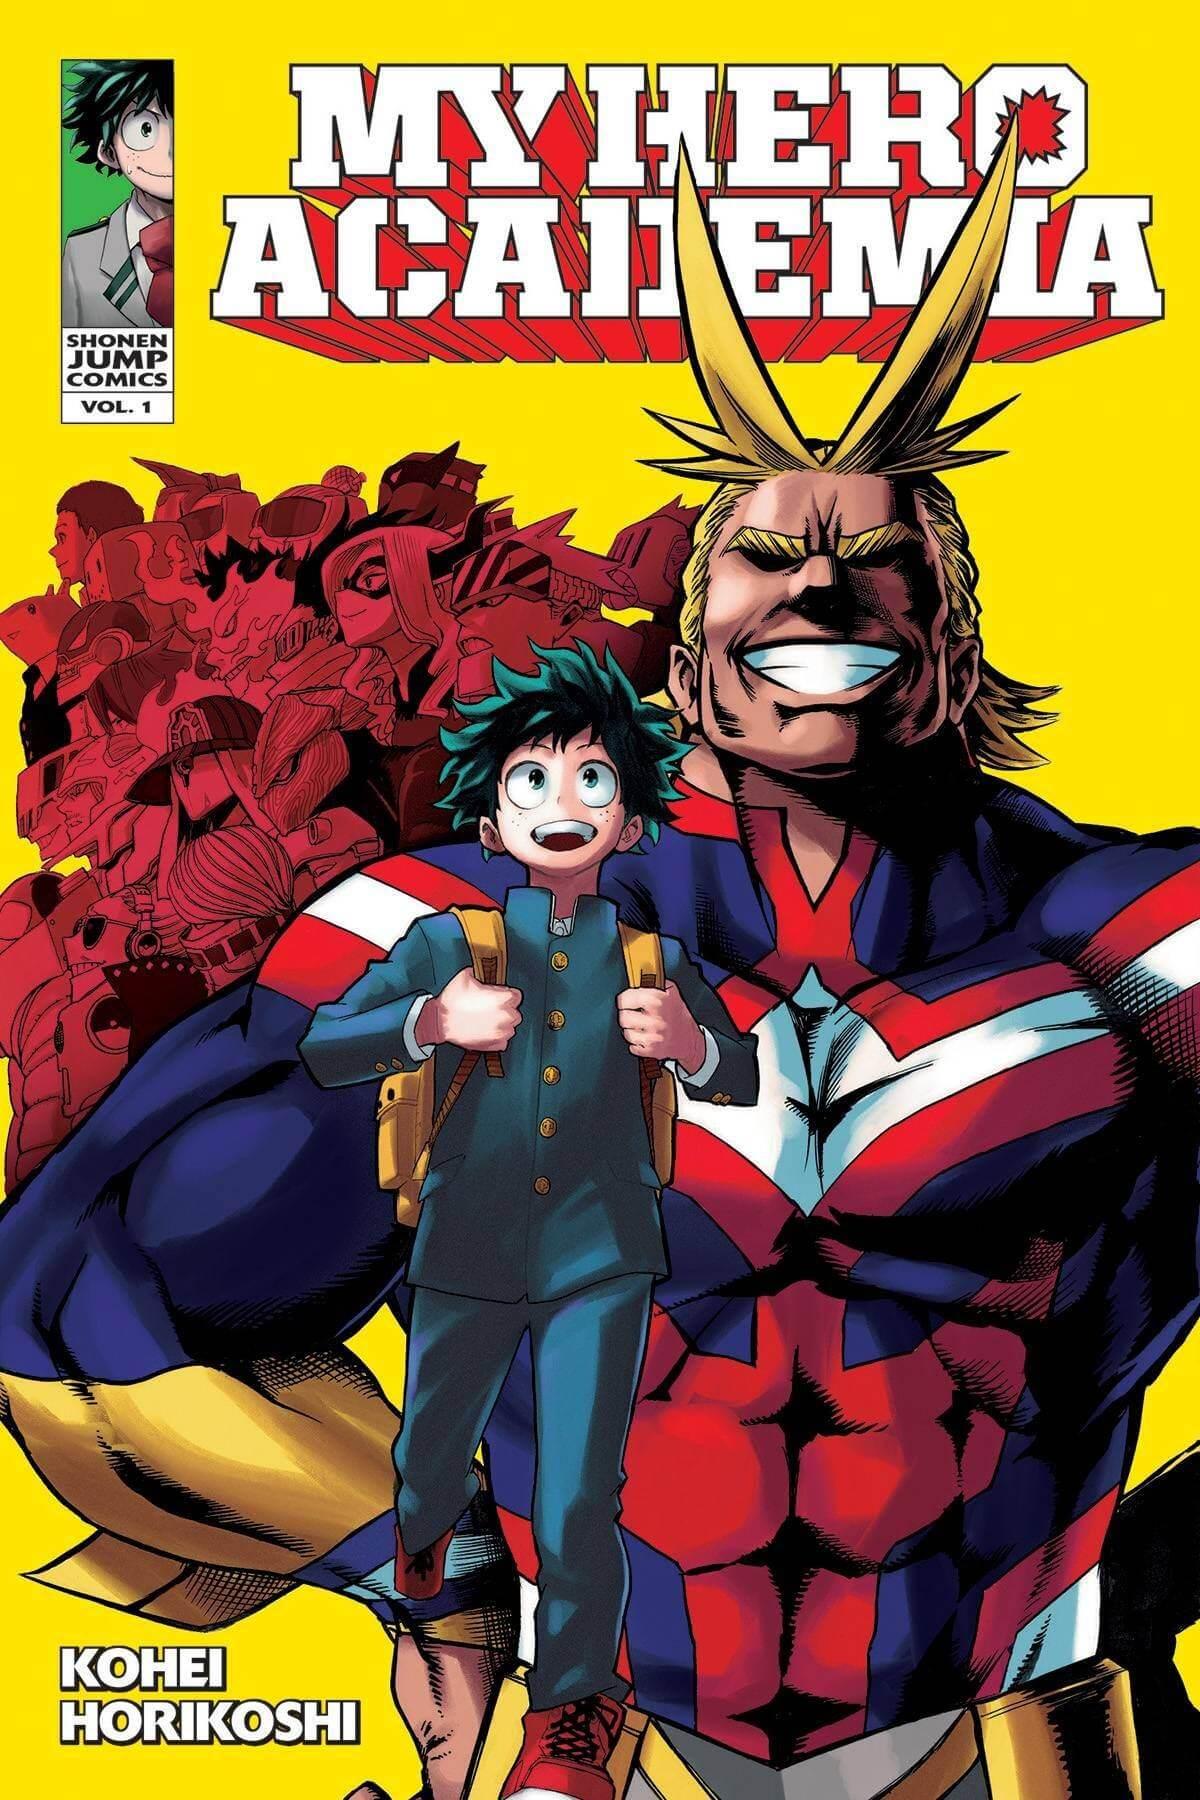 Top Manga Mais Vendidos Japão - 1ª Metade 2018 | Boku no Hero Academia - Manga recebe Novo Spinoff | Boku no Hero Academia - Manga em Top 10 de Bestsellers NYT